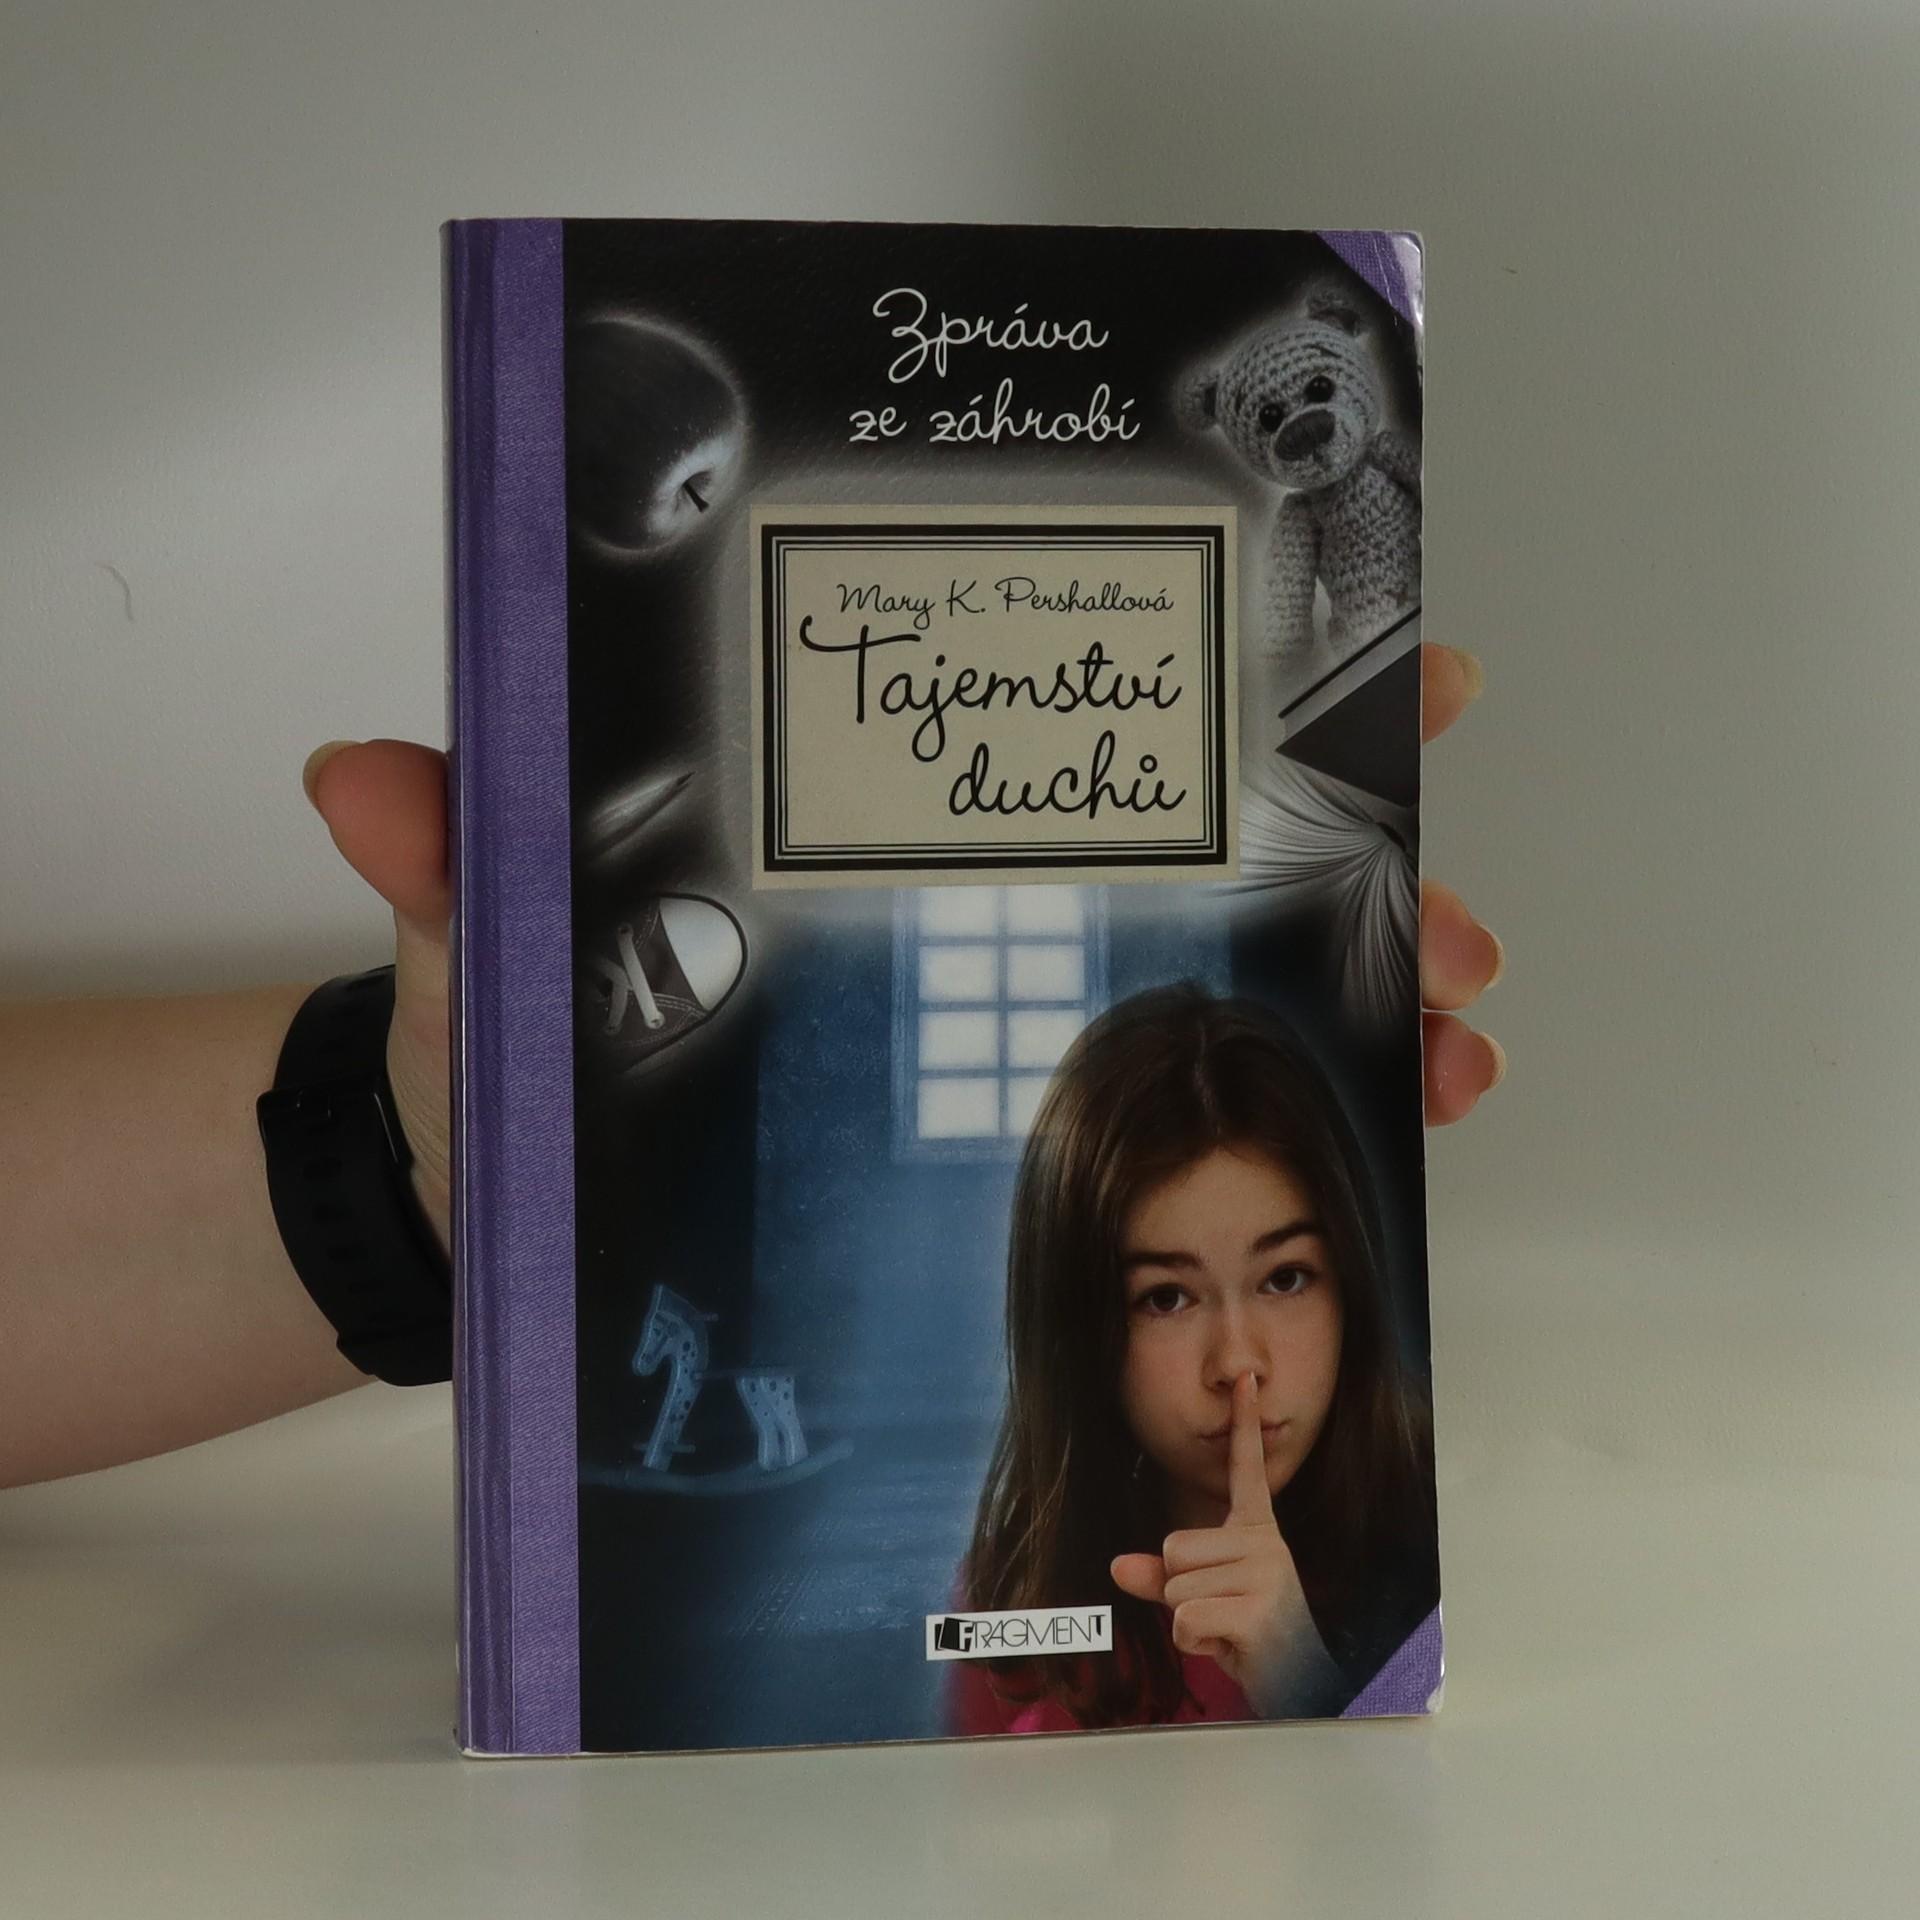 antikvární kniha Tajemství duchů. Zpráva ze záhrobí, 2013